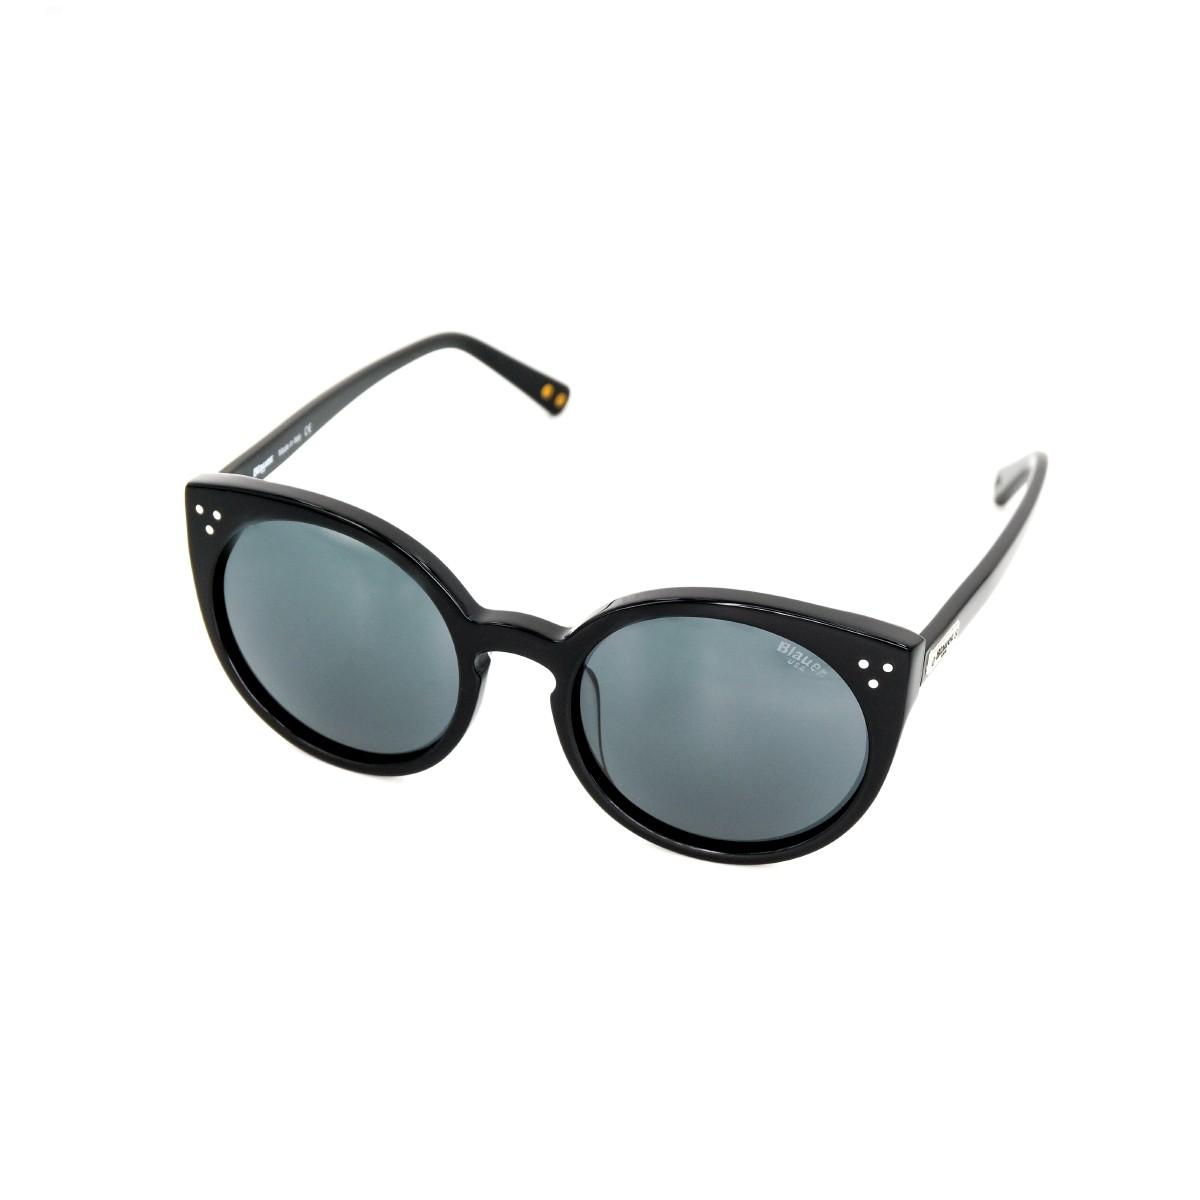 Blauer Dalya 515 nero lucido 01, 104,00€, Occhiali Blauer Nero a forma Rotondo